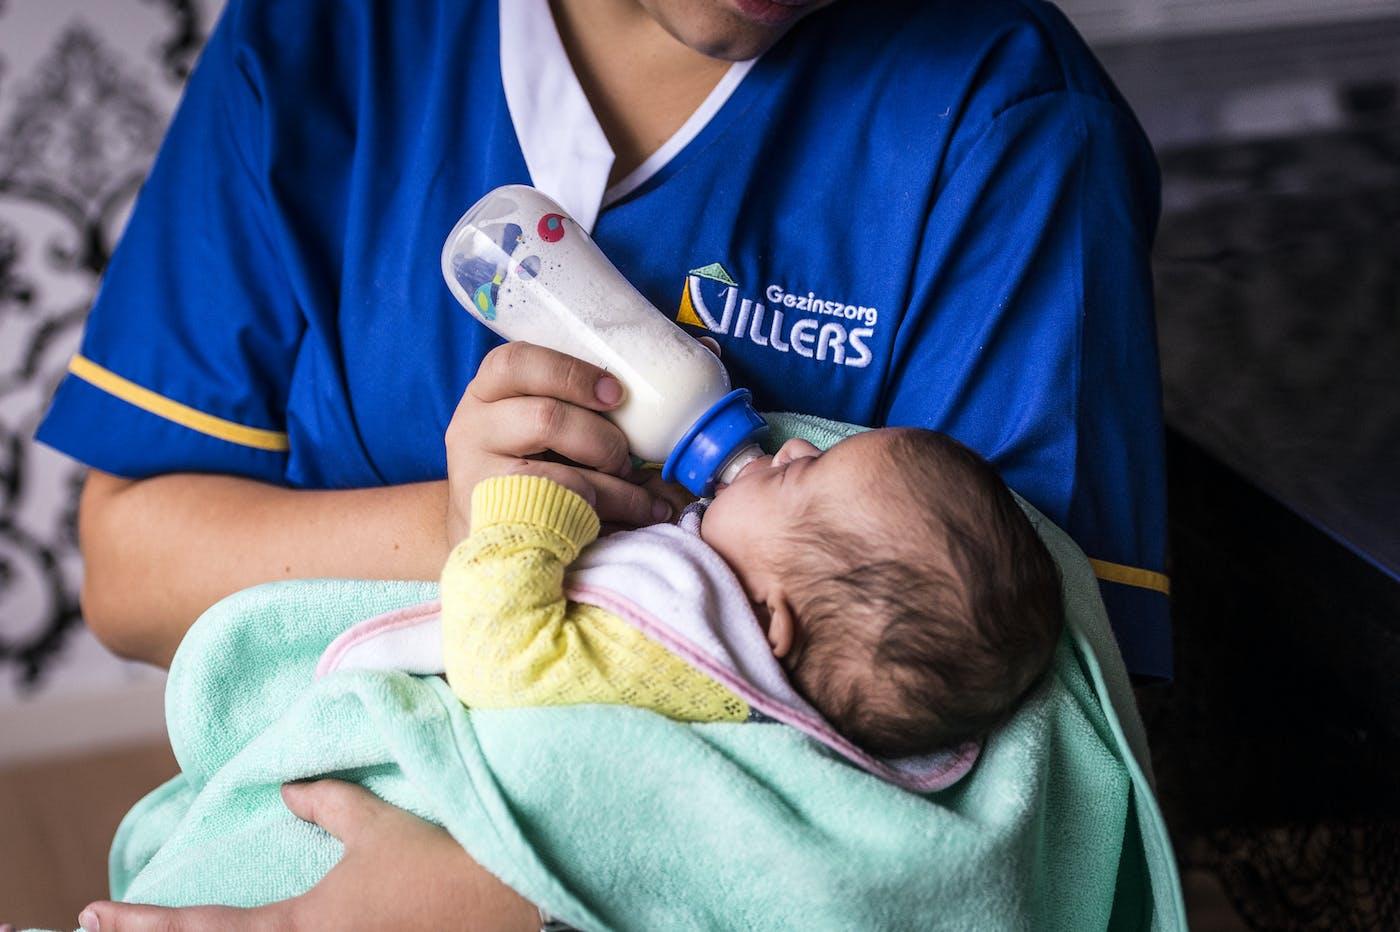 Baby krijgt melk